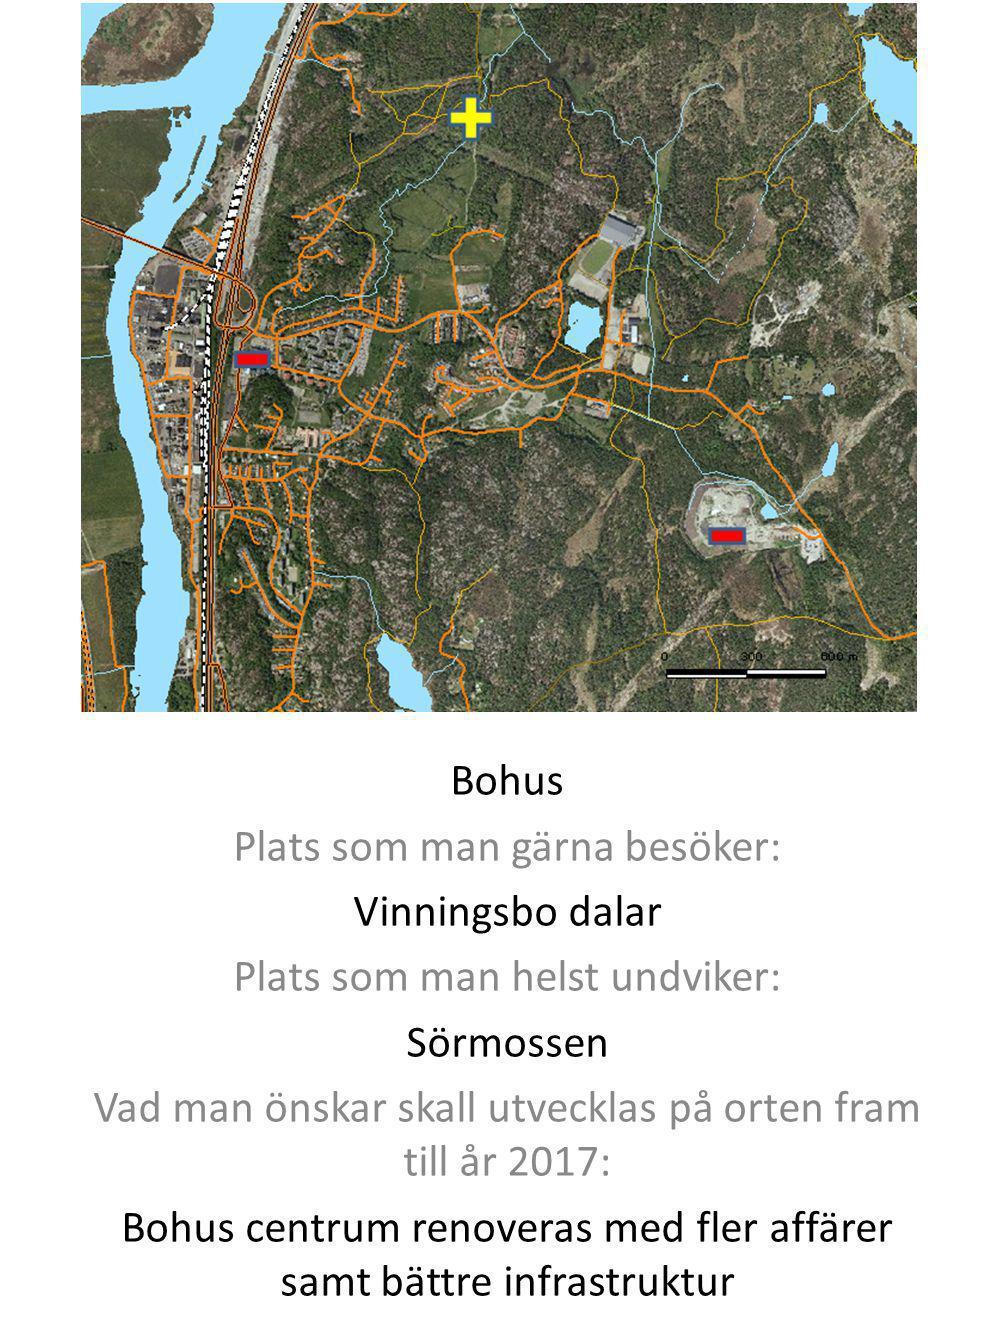 Plats som man gärna besöker: Vinningsbo dalar